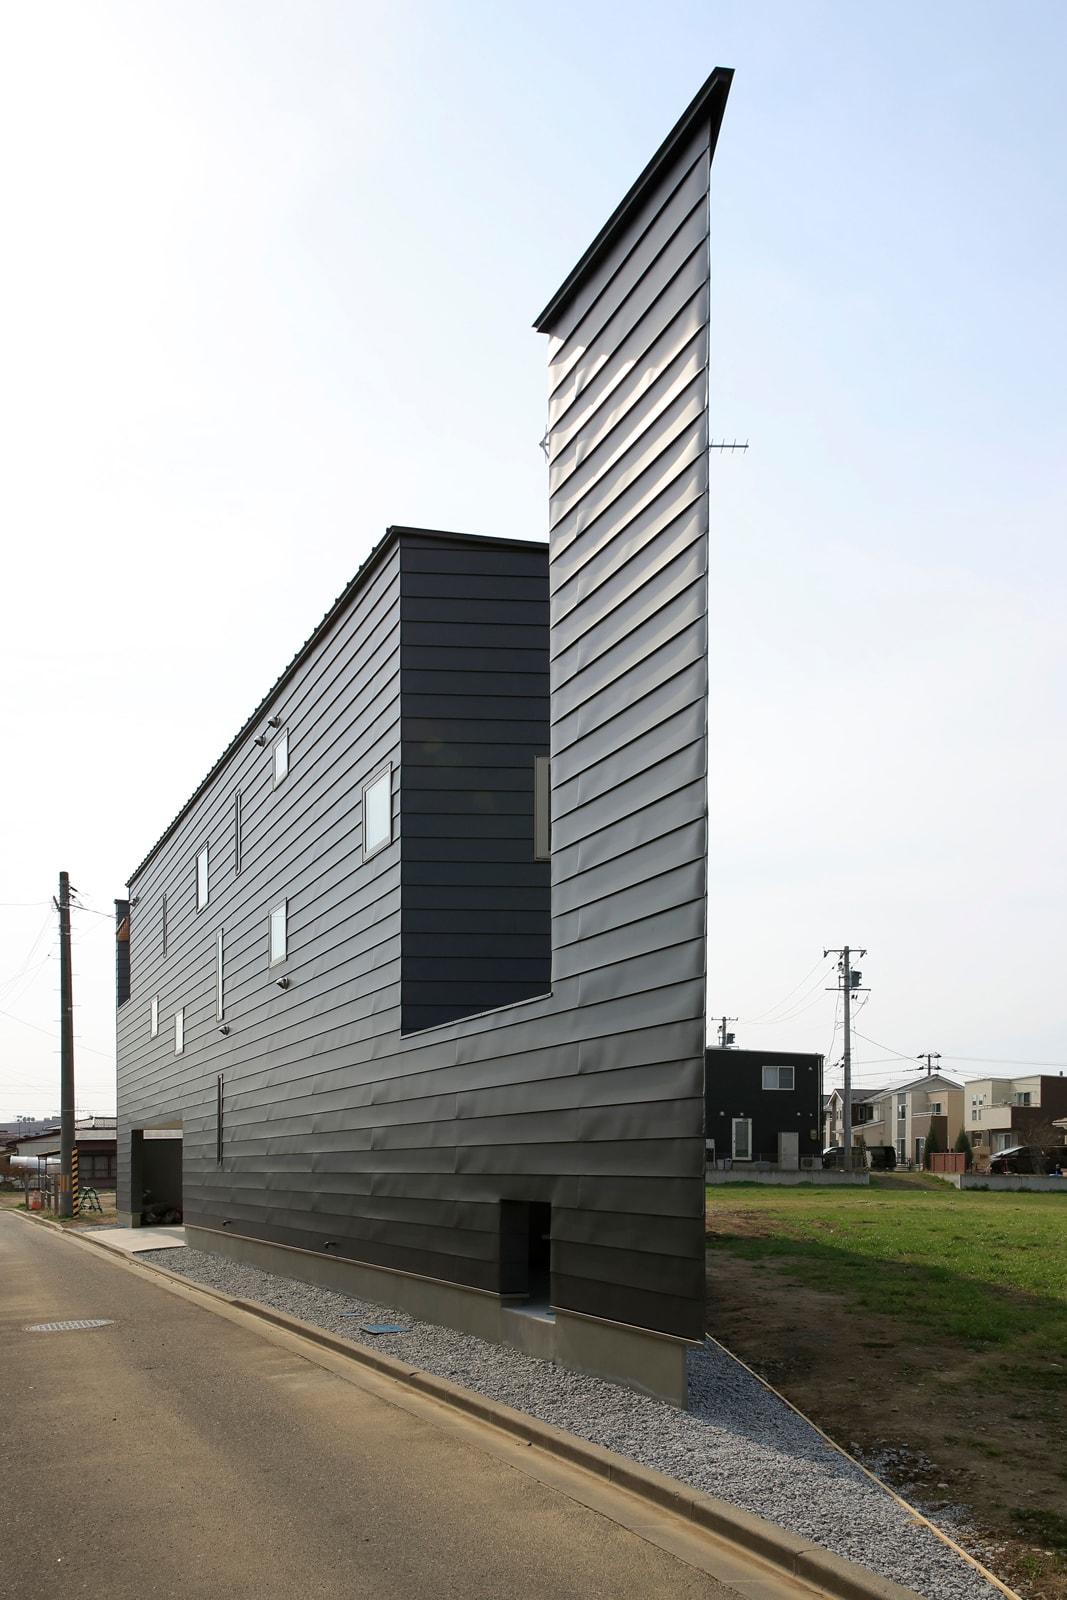 Yさん宅の外観。鋭角な三角地が住宅のカタチにもハッキリと現れている